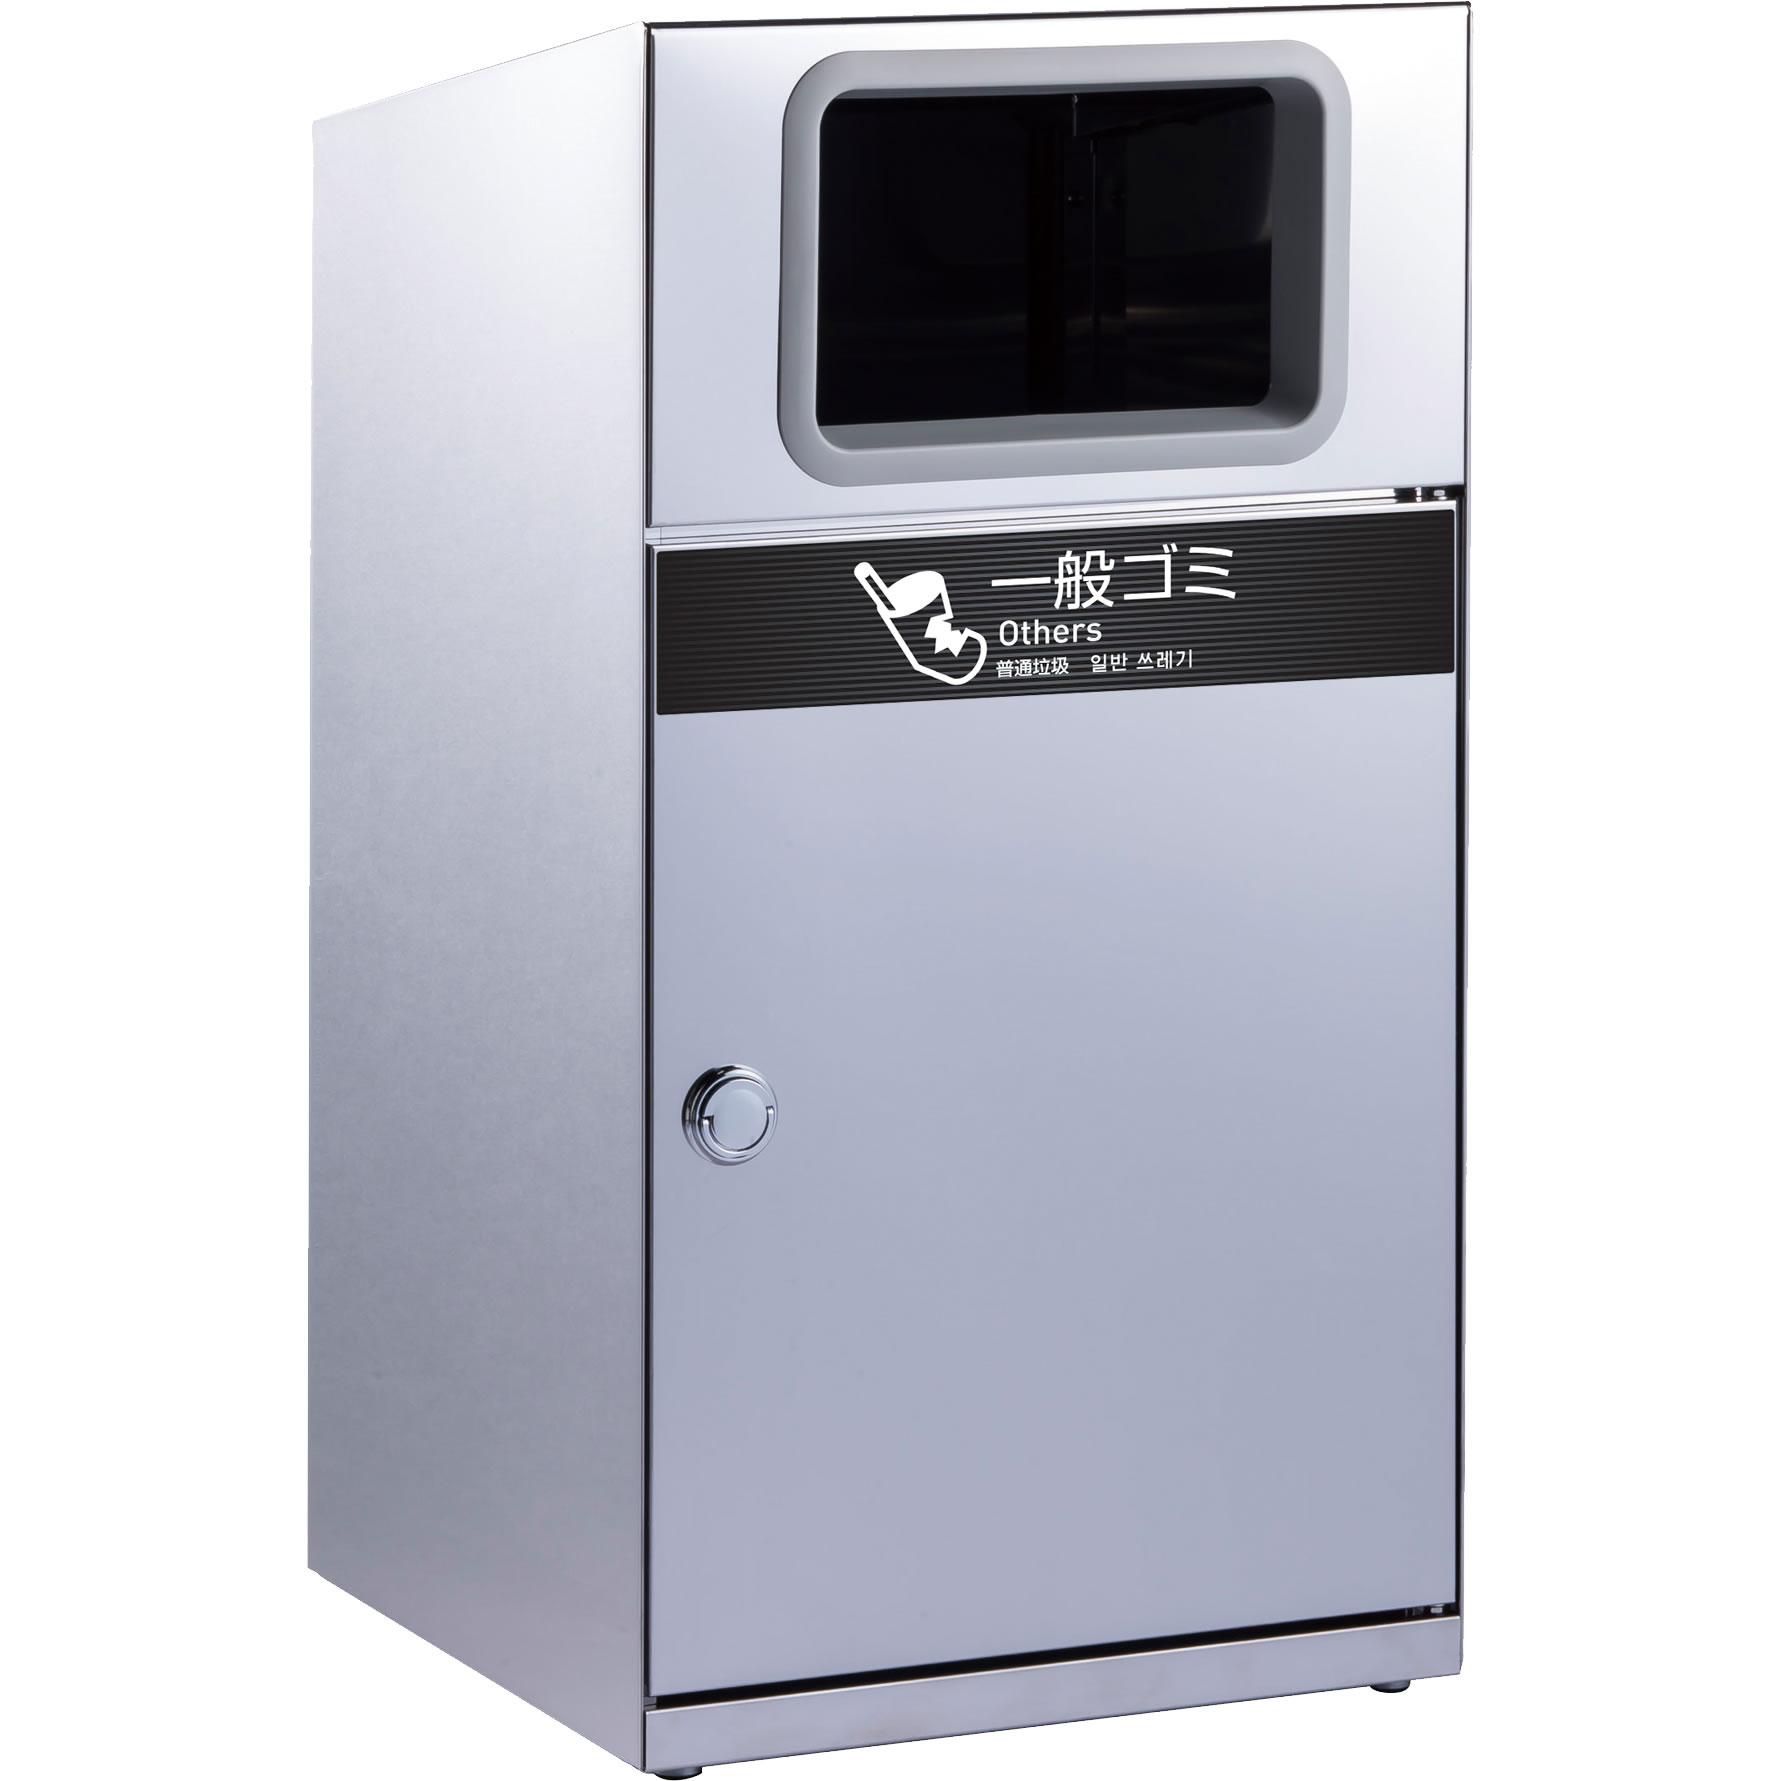 一般ゴミ用 トラッシュボックス 屋外用ステンレス投入口スチール製屑入